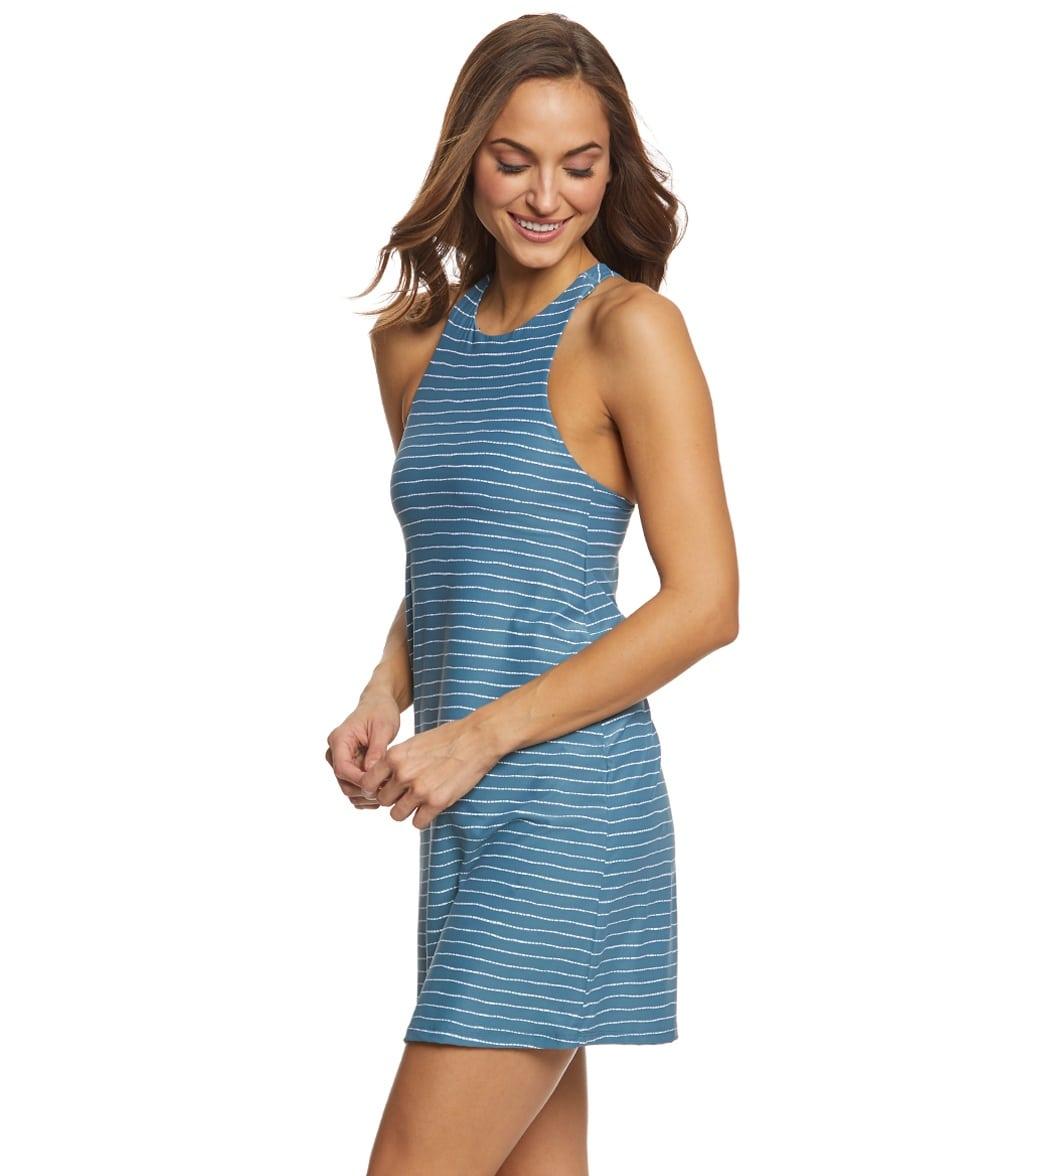 89d4635522 Carve Designs Women s Sanitas Cover up Dress at SwimOutlet.com ...